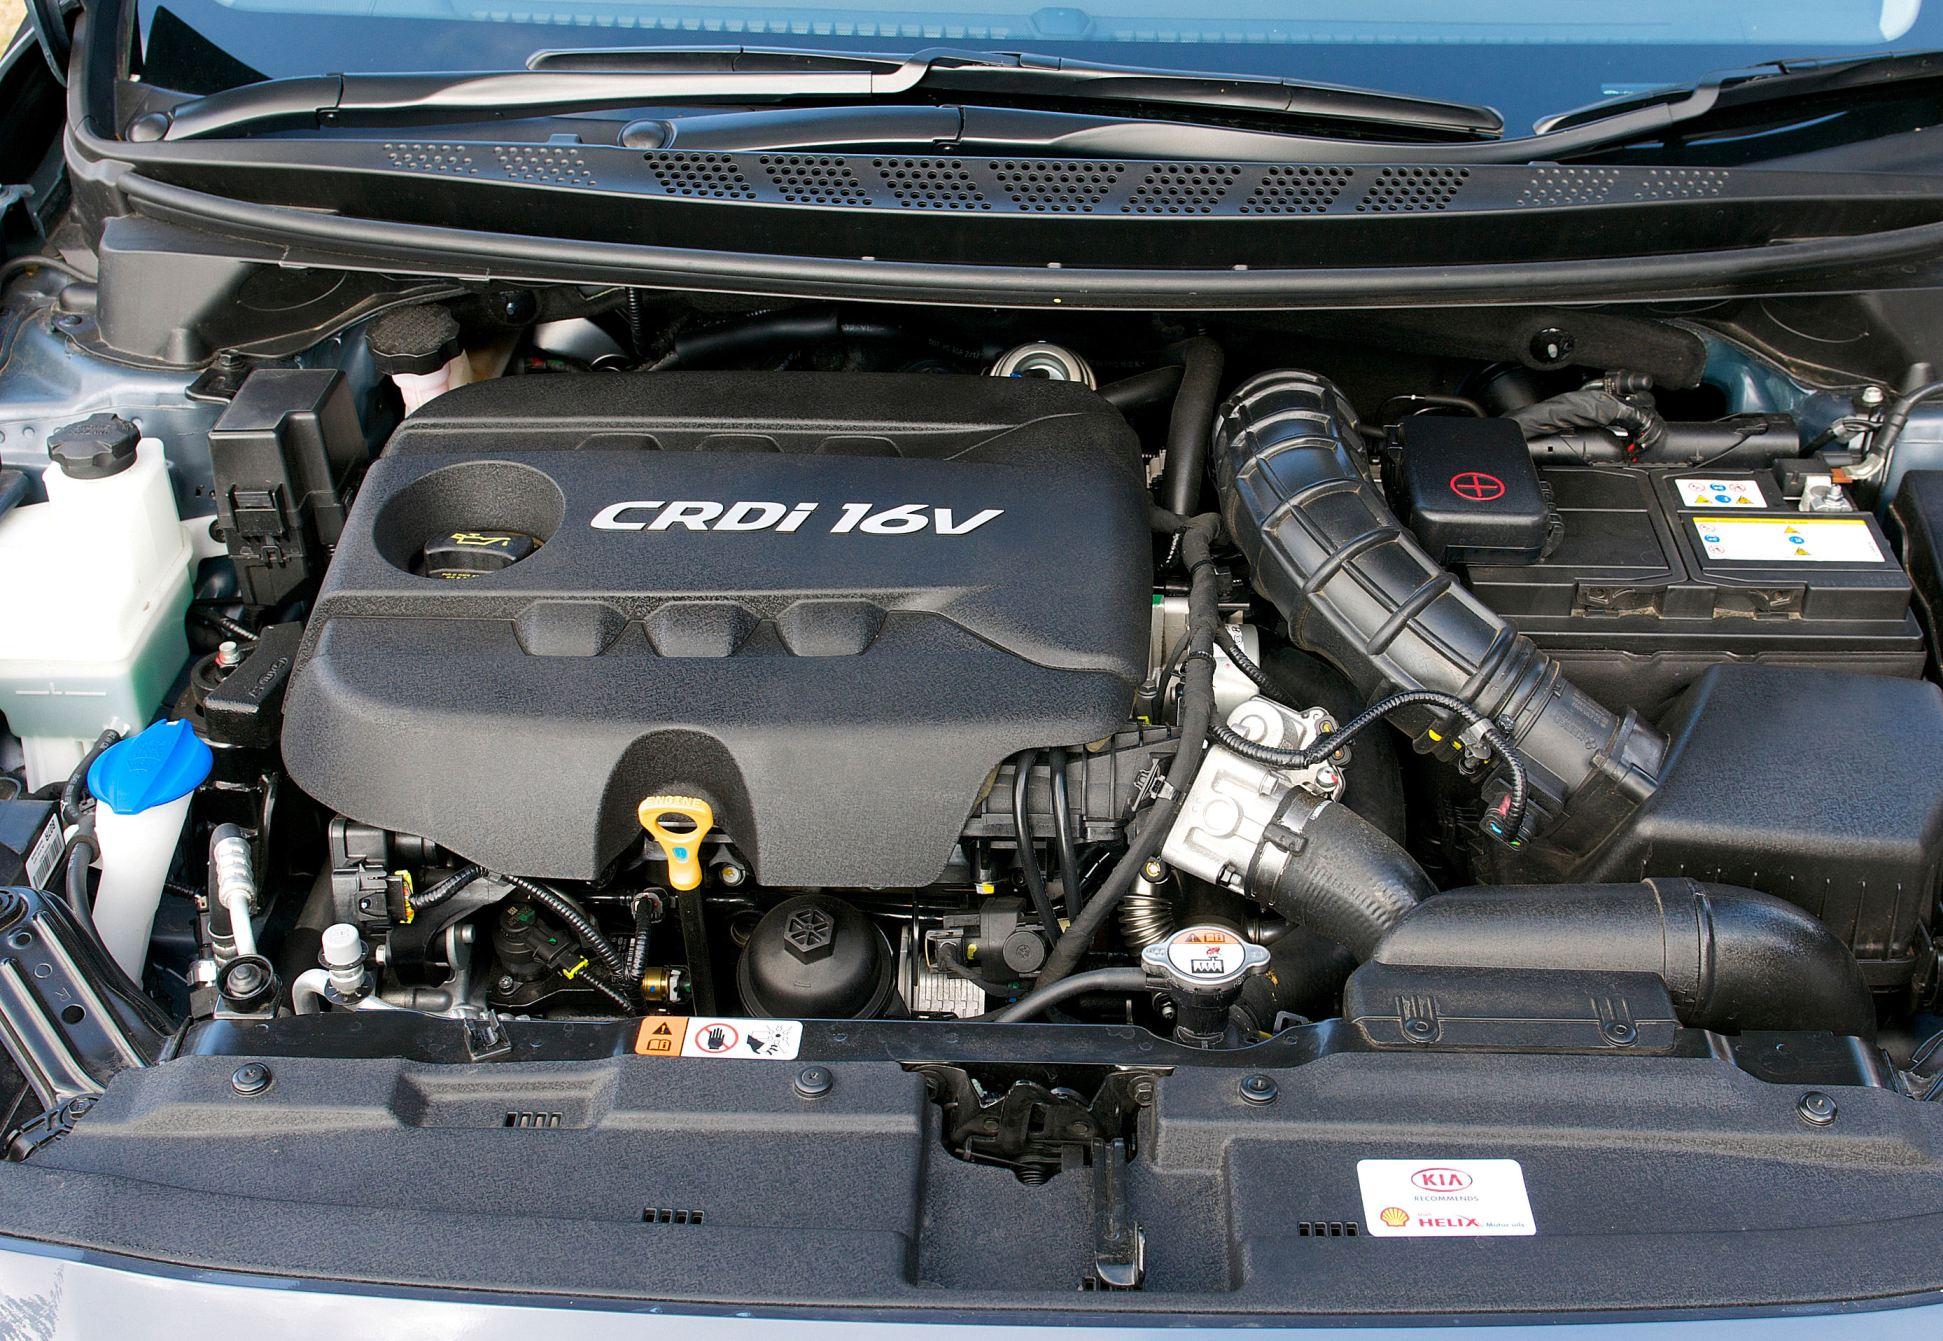 kia-ceed-sportswagon-new-1-6-turbodiesel-low-co2-engine